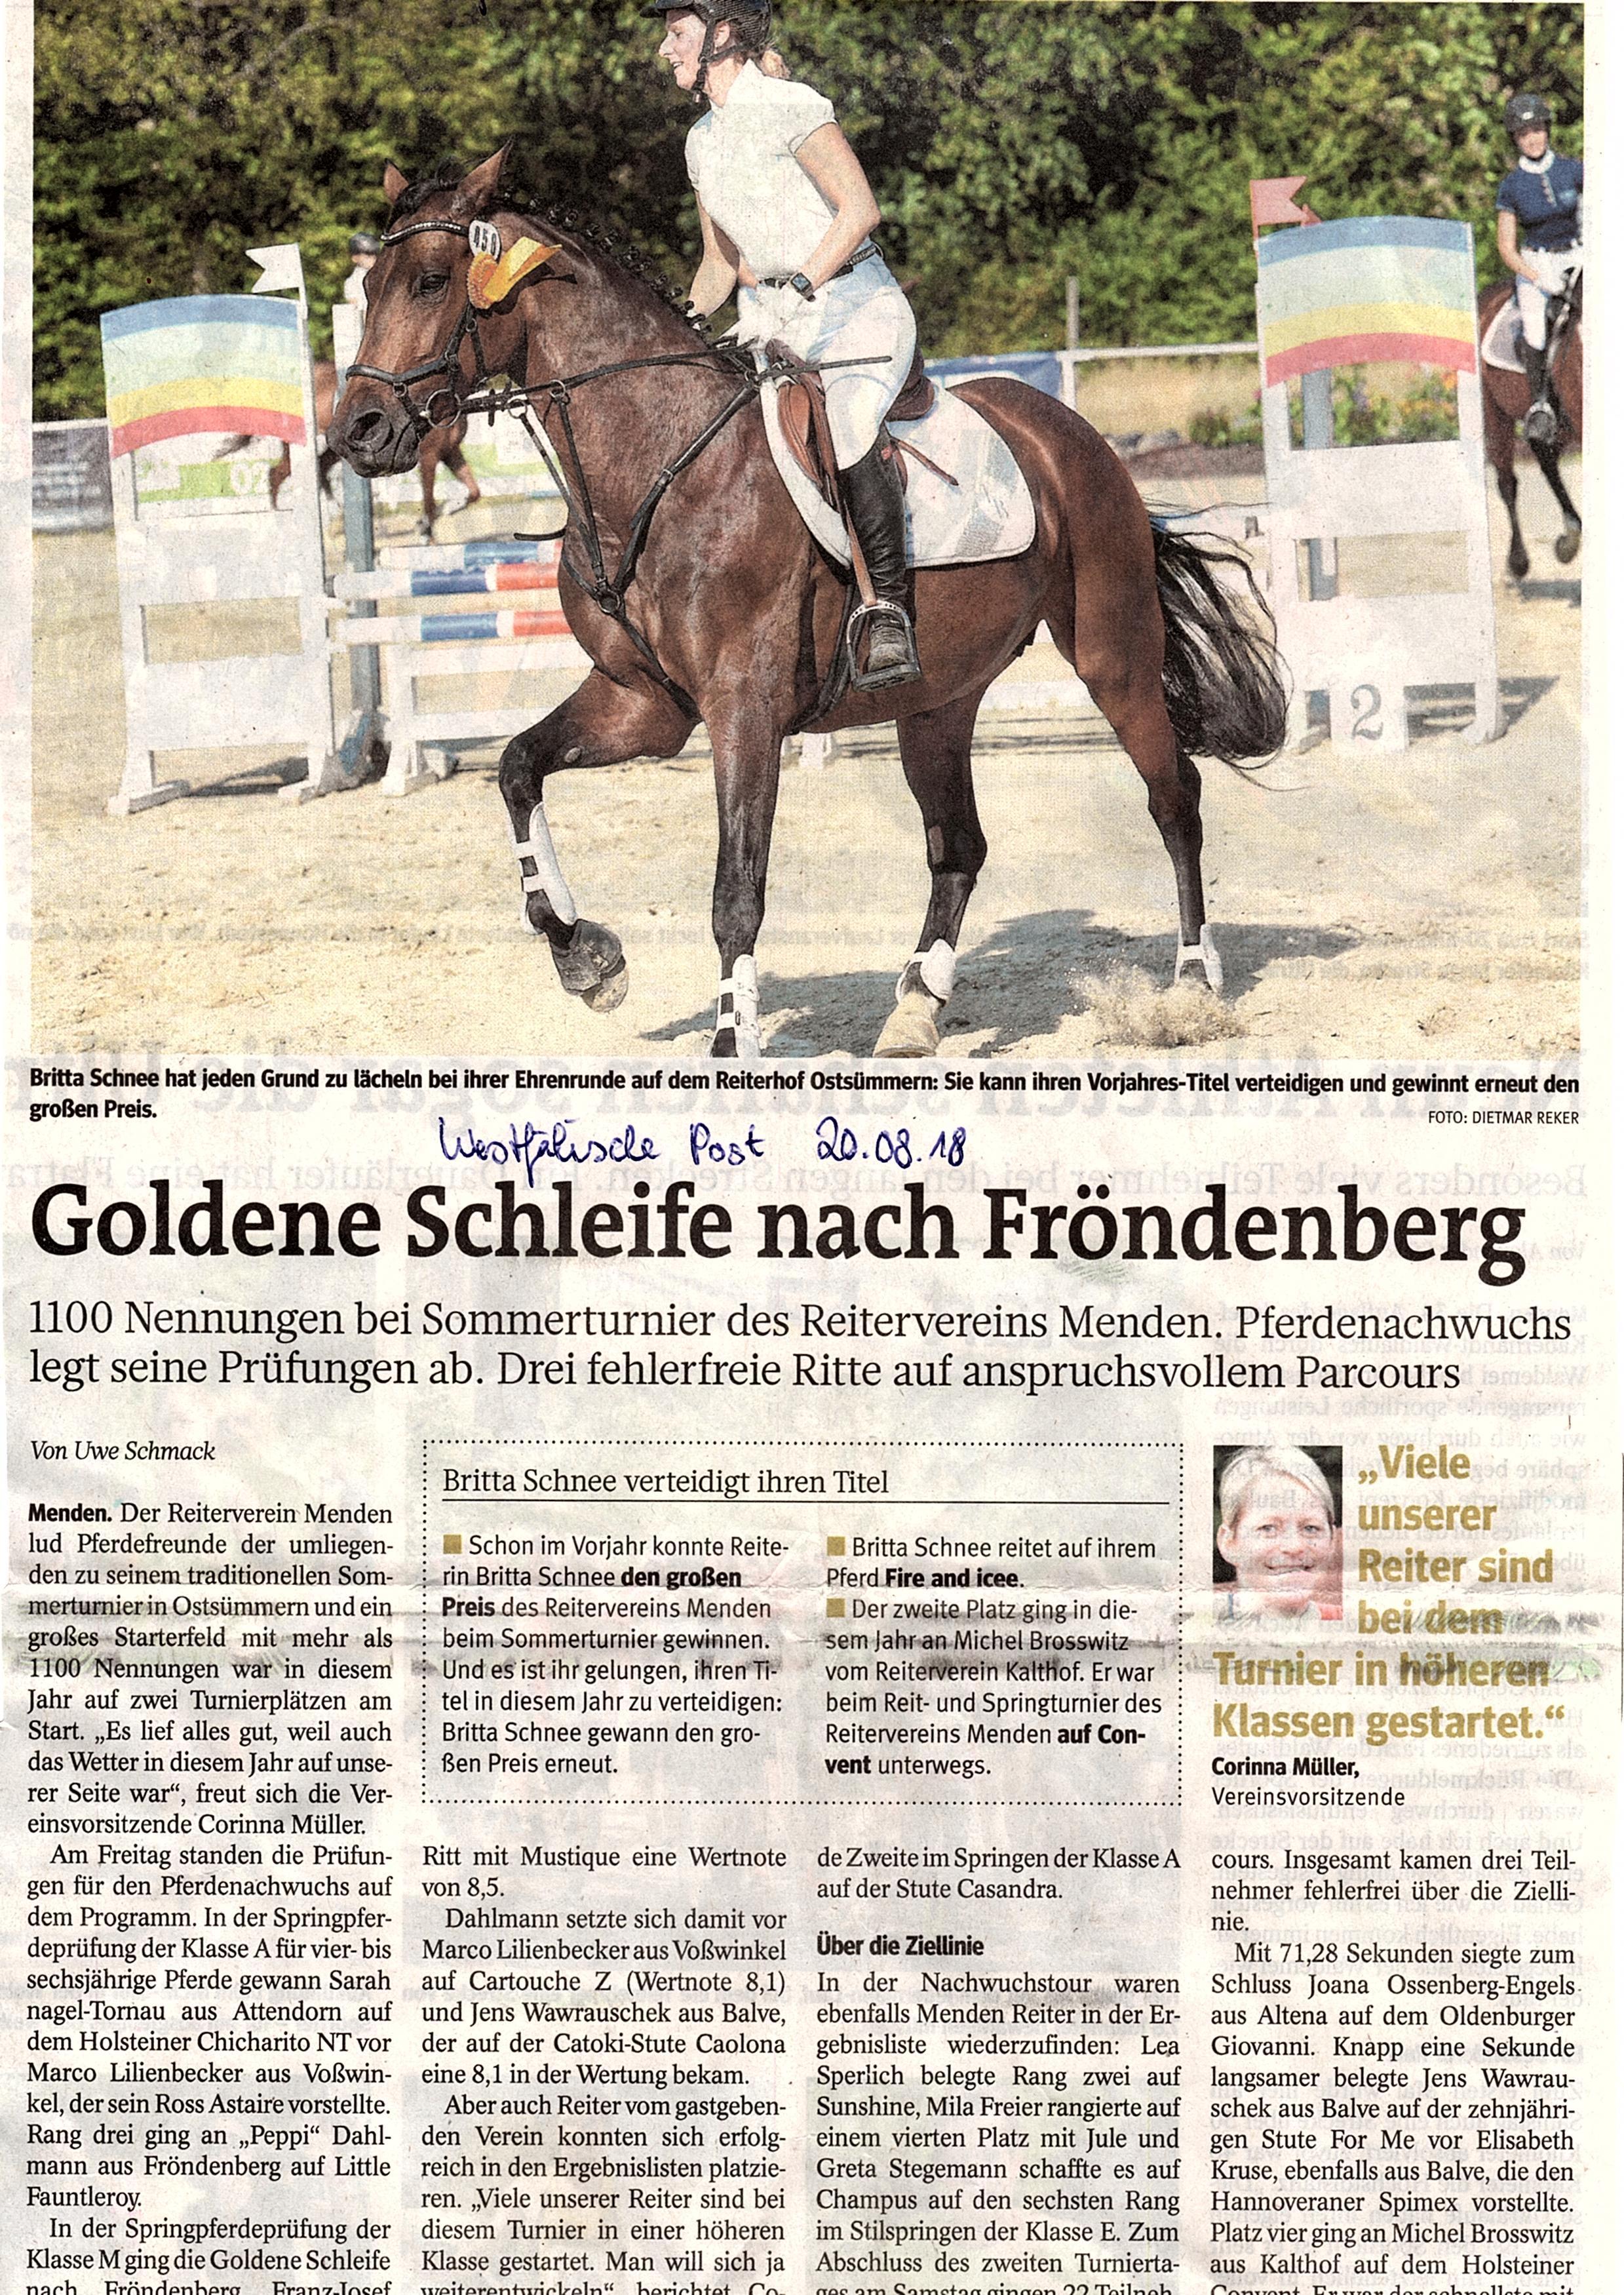 WP 20.08.2018 Turnier Menden Teil 2